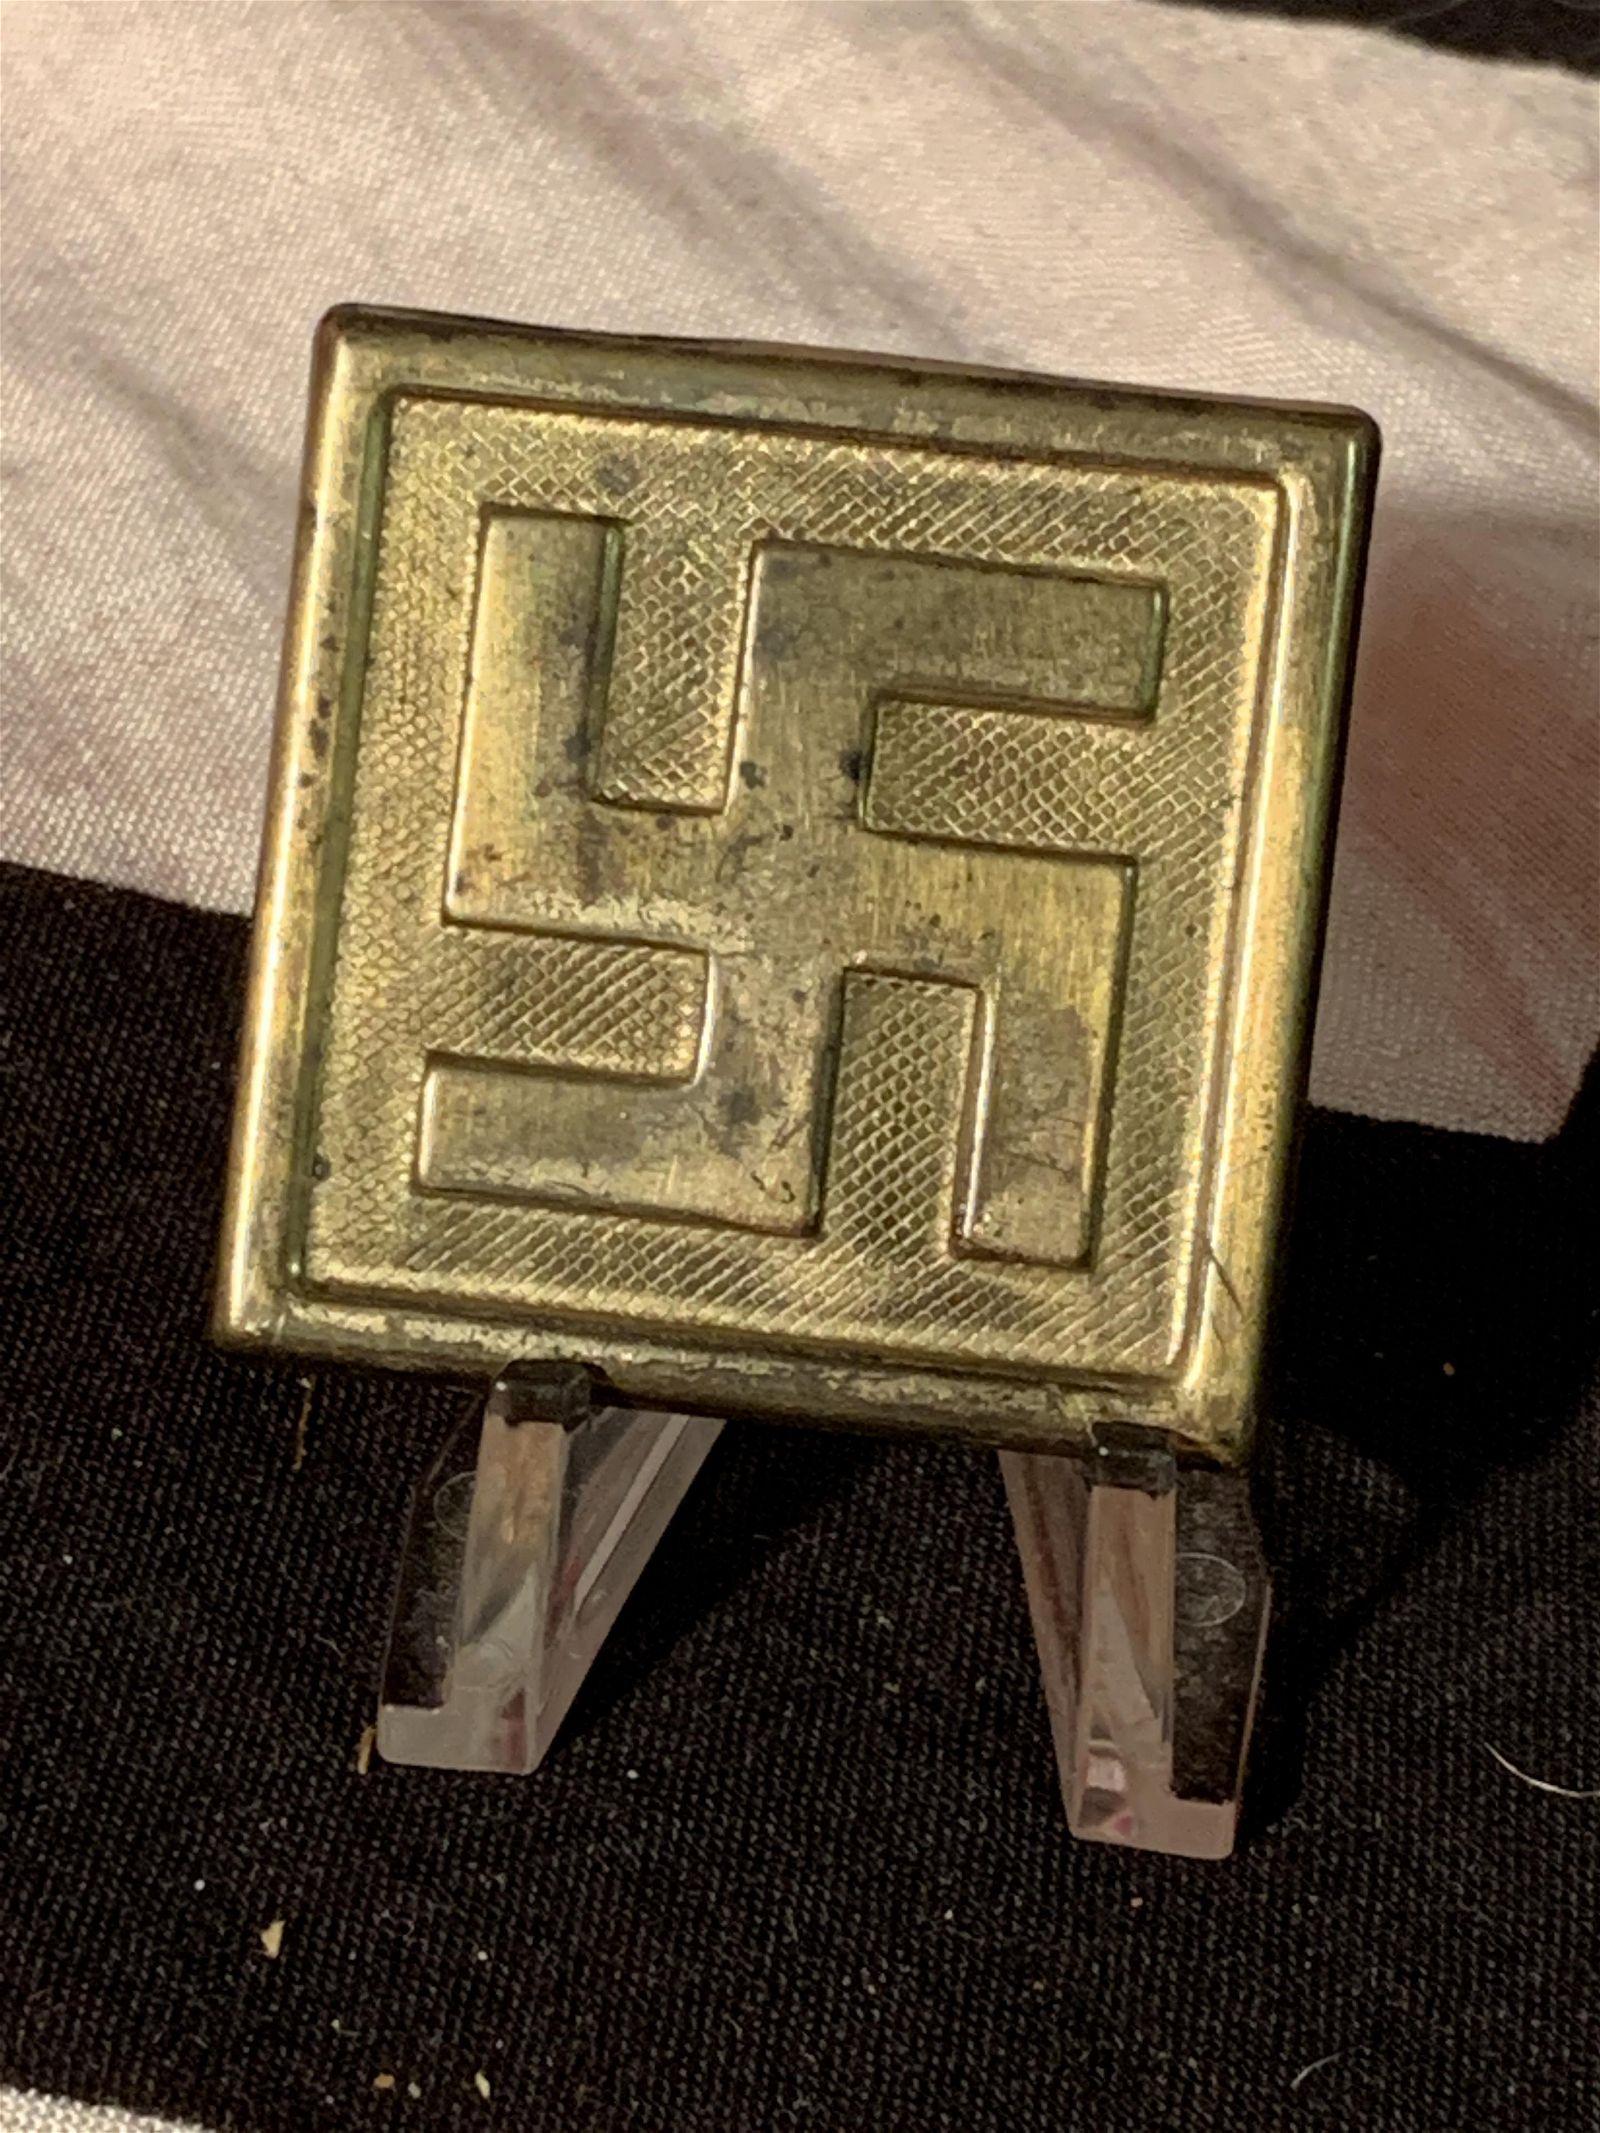 ORIG. WW2 GERMAN HITLER YOUTH BELT BUCKLE